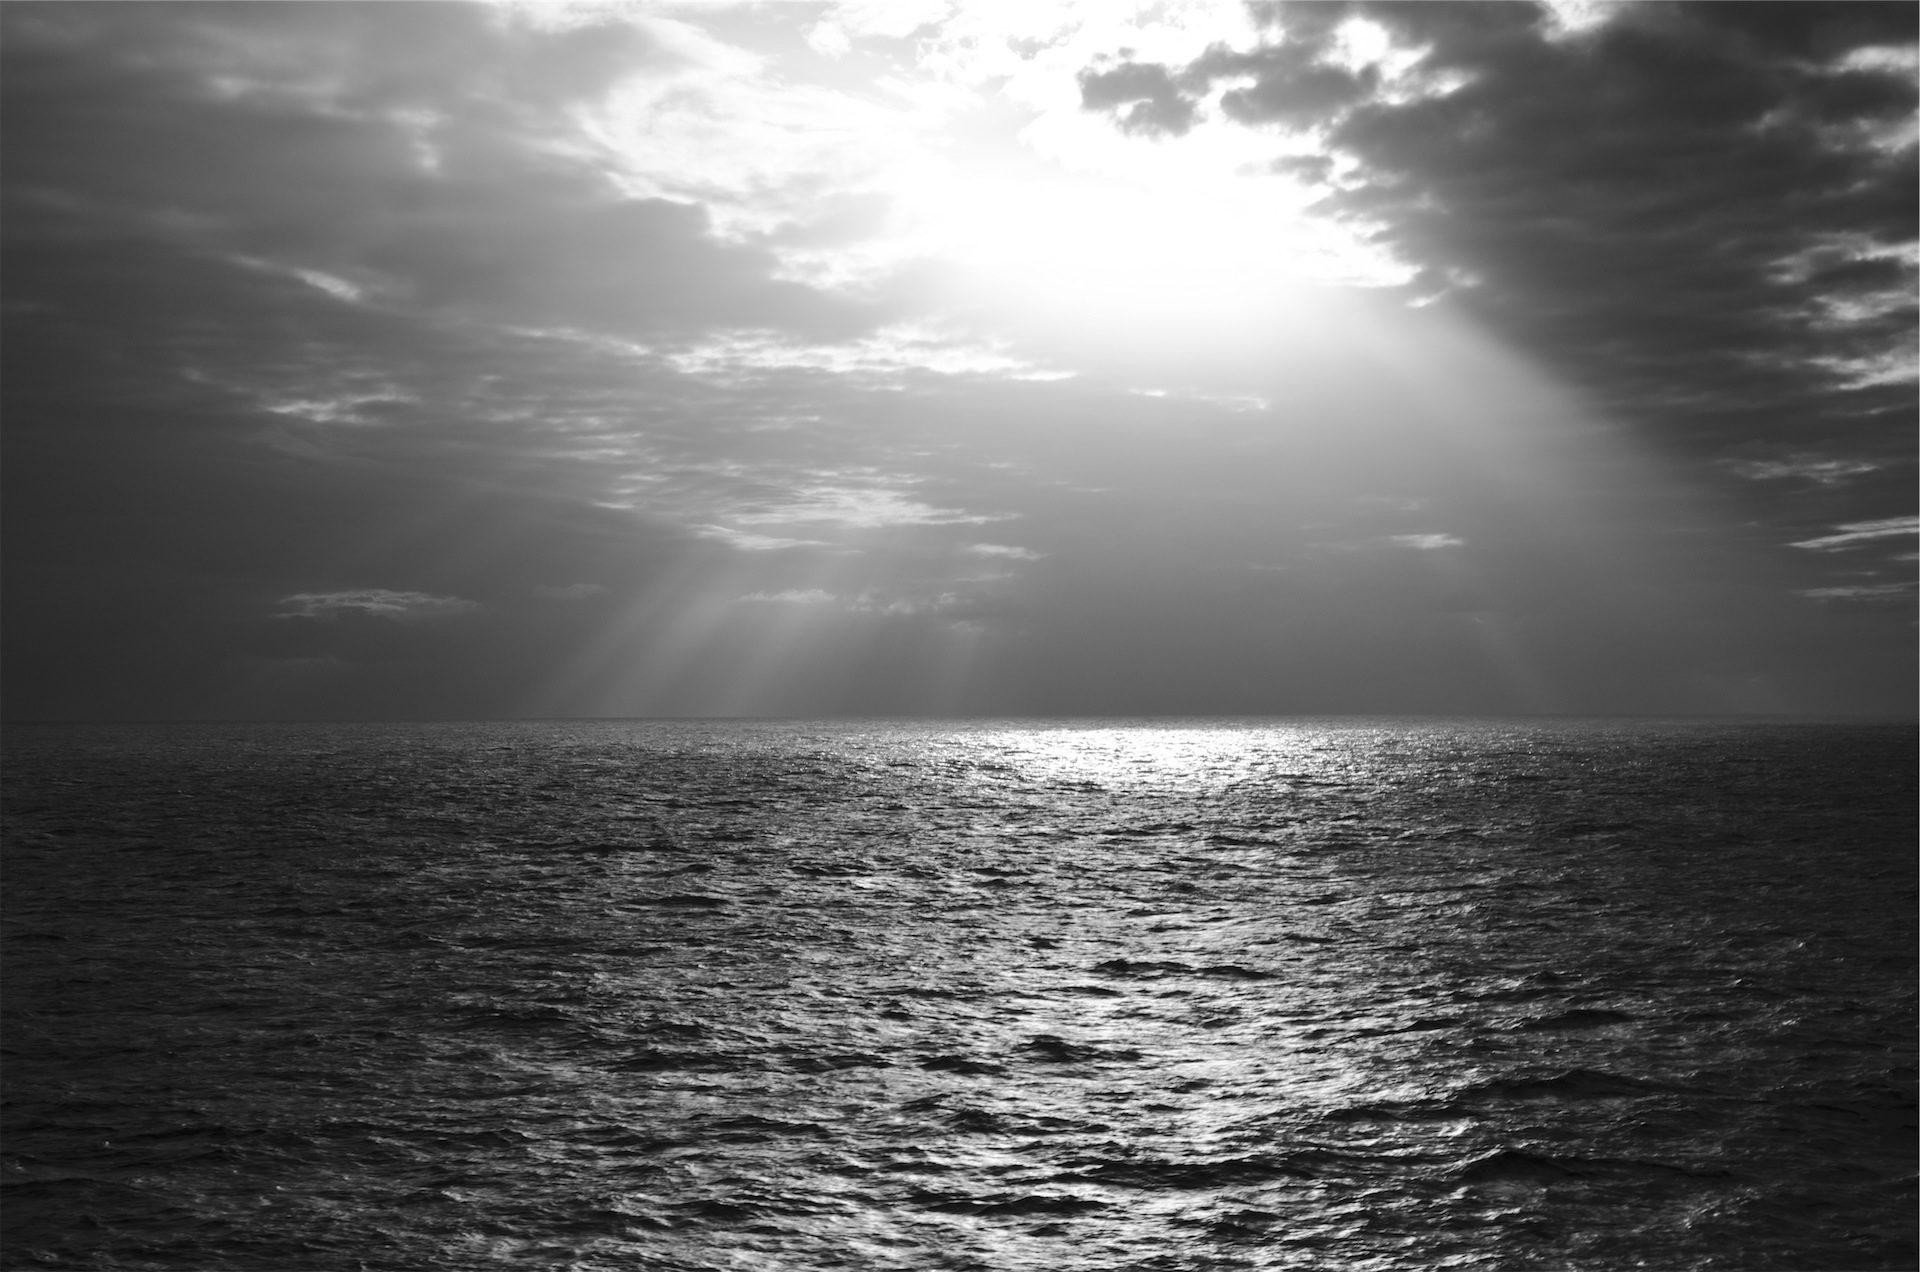 mar, océano, cielo, sol, luz, nubes, en blanco y negro - Fondos de Pantalla HD - professor-falken.com